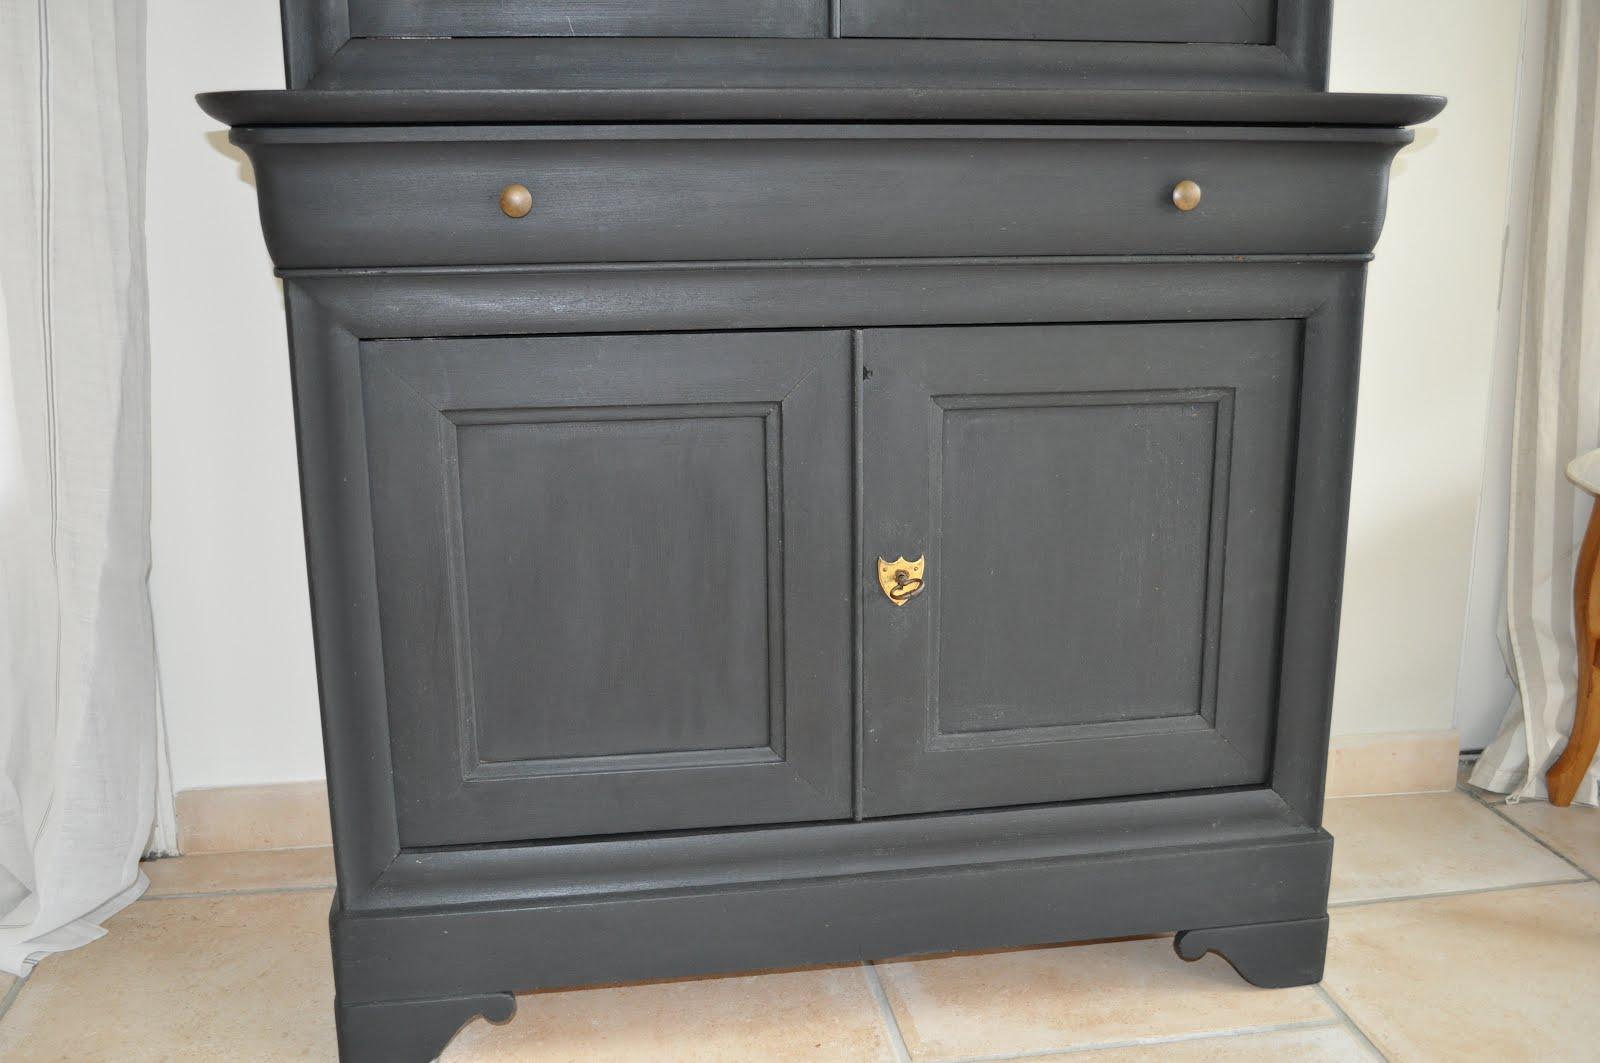 Comment Peindre Un Meuble En Bois peindre un meuble en bois : comment optimiser le rendu final ?